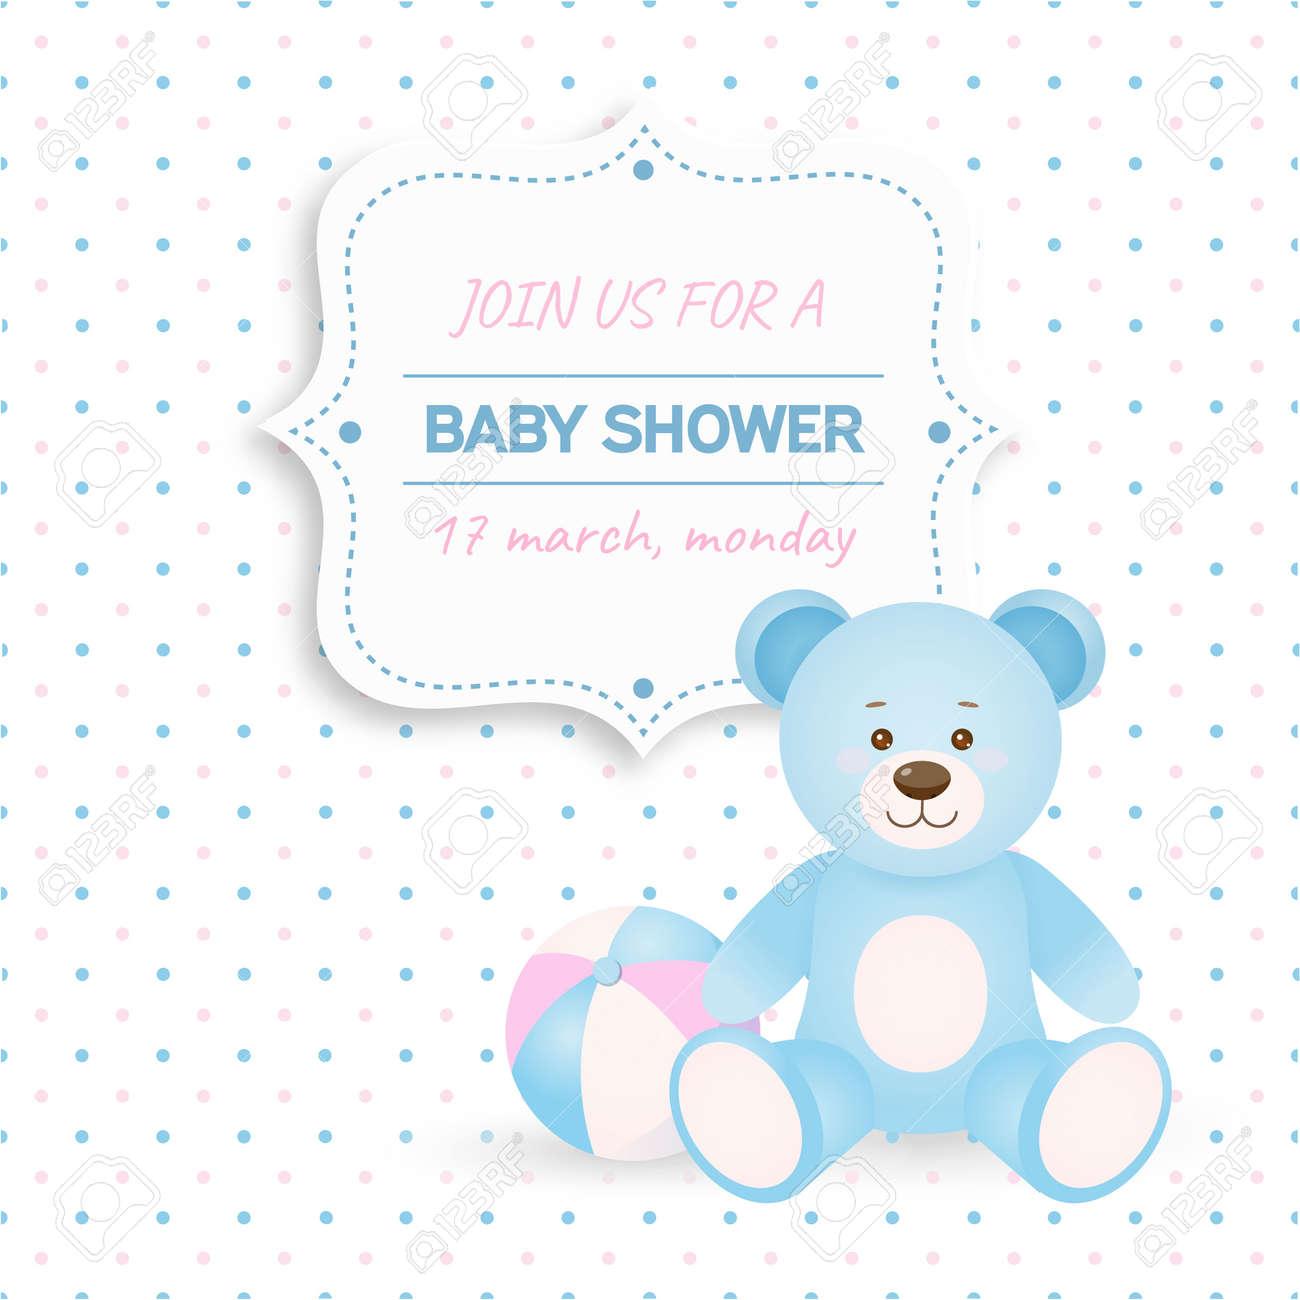 Invitación Tarjeta De Baby Shower Con El Oso De Peluche Azul Y Ball Card Con Lugar Para El Texto En El Estilo De Dibujos Animados